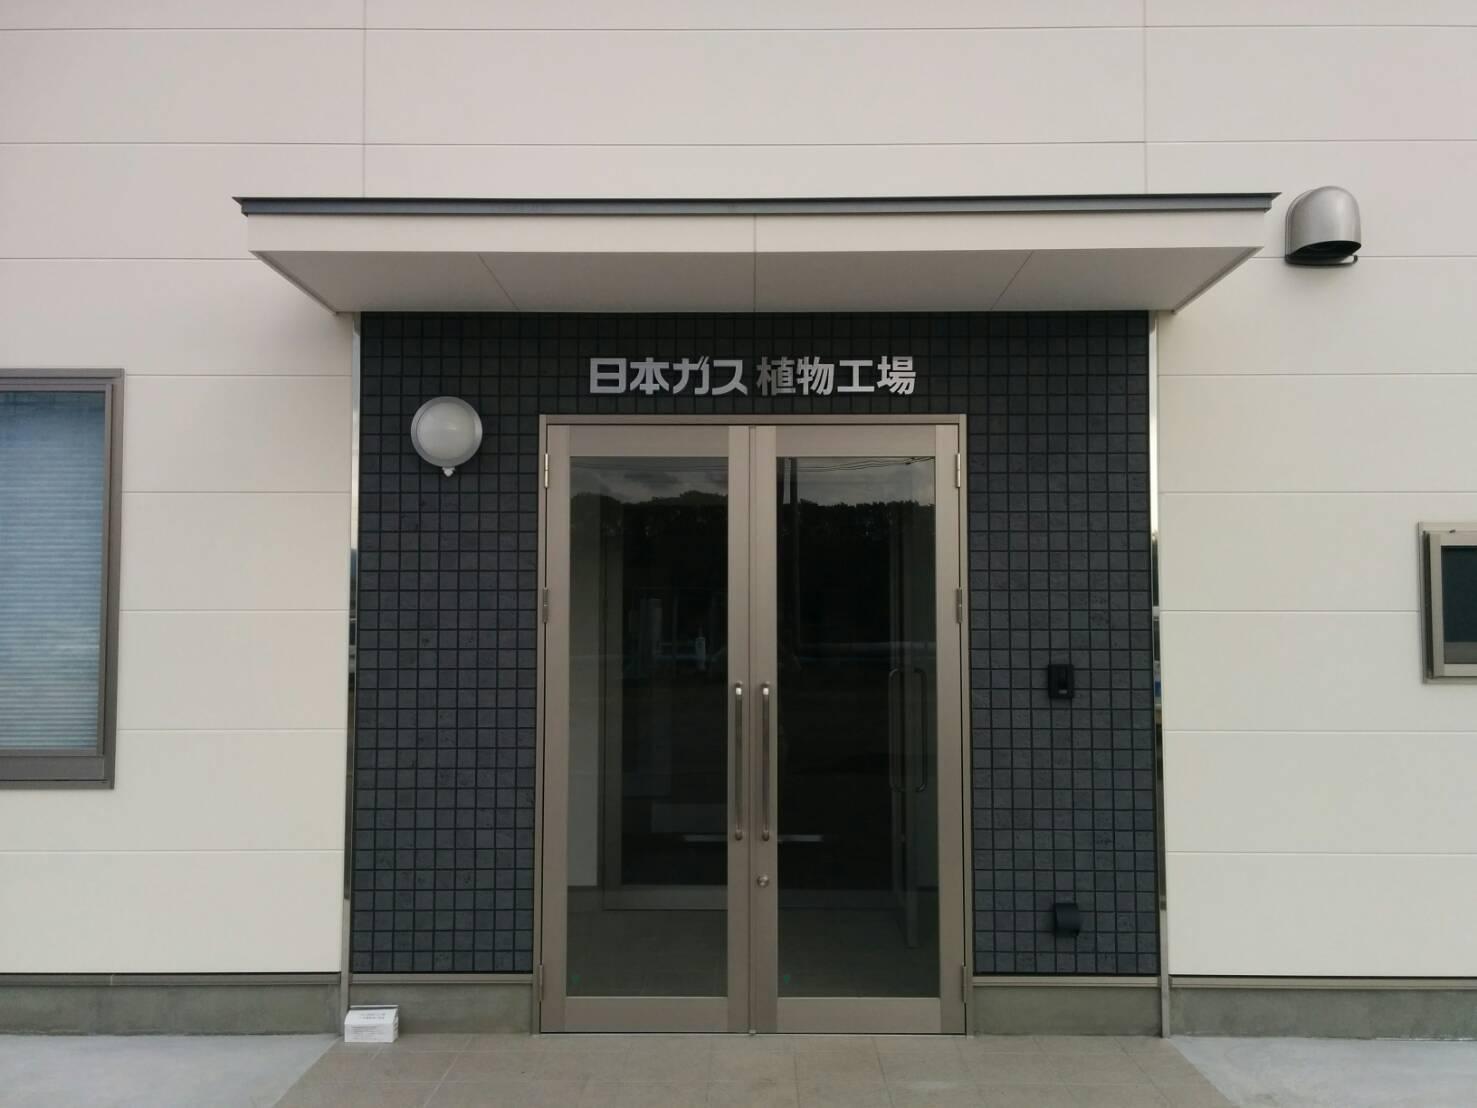 日本ガス植物工場